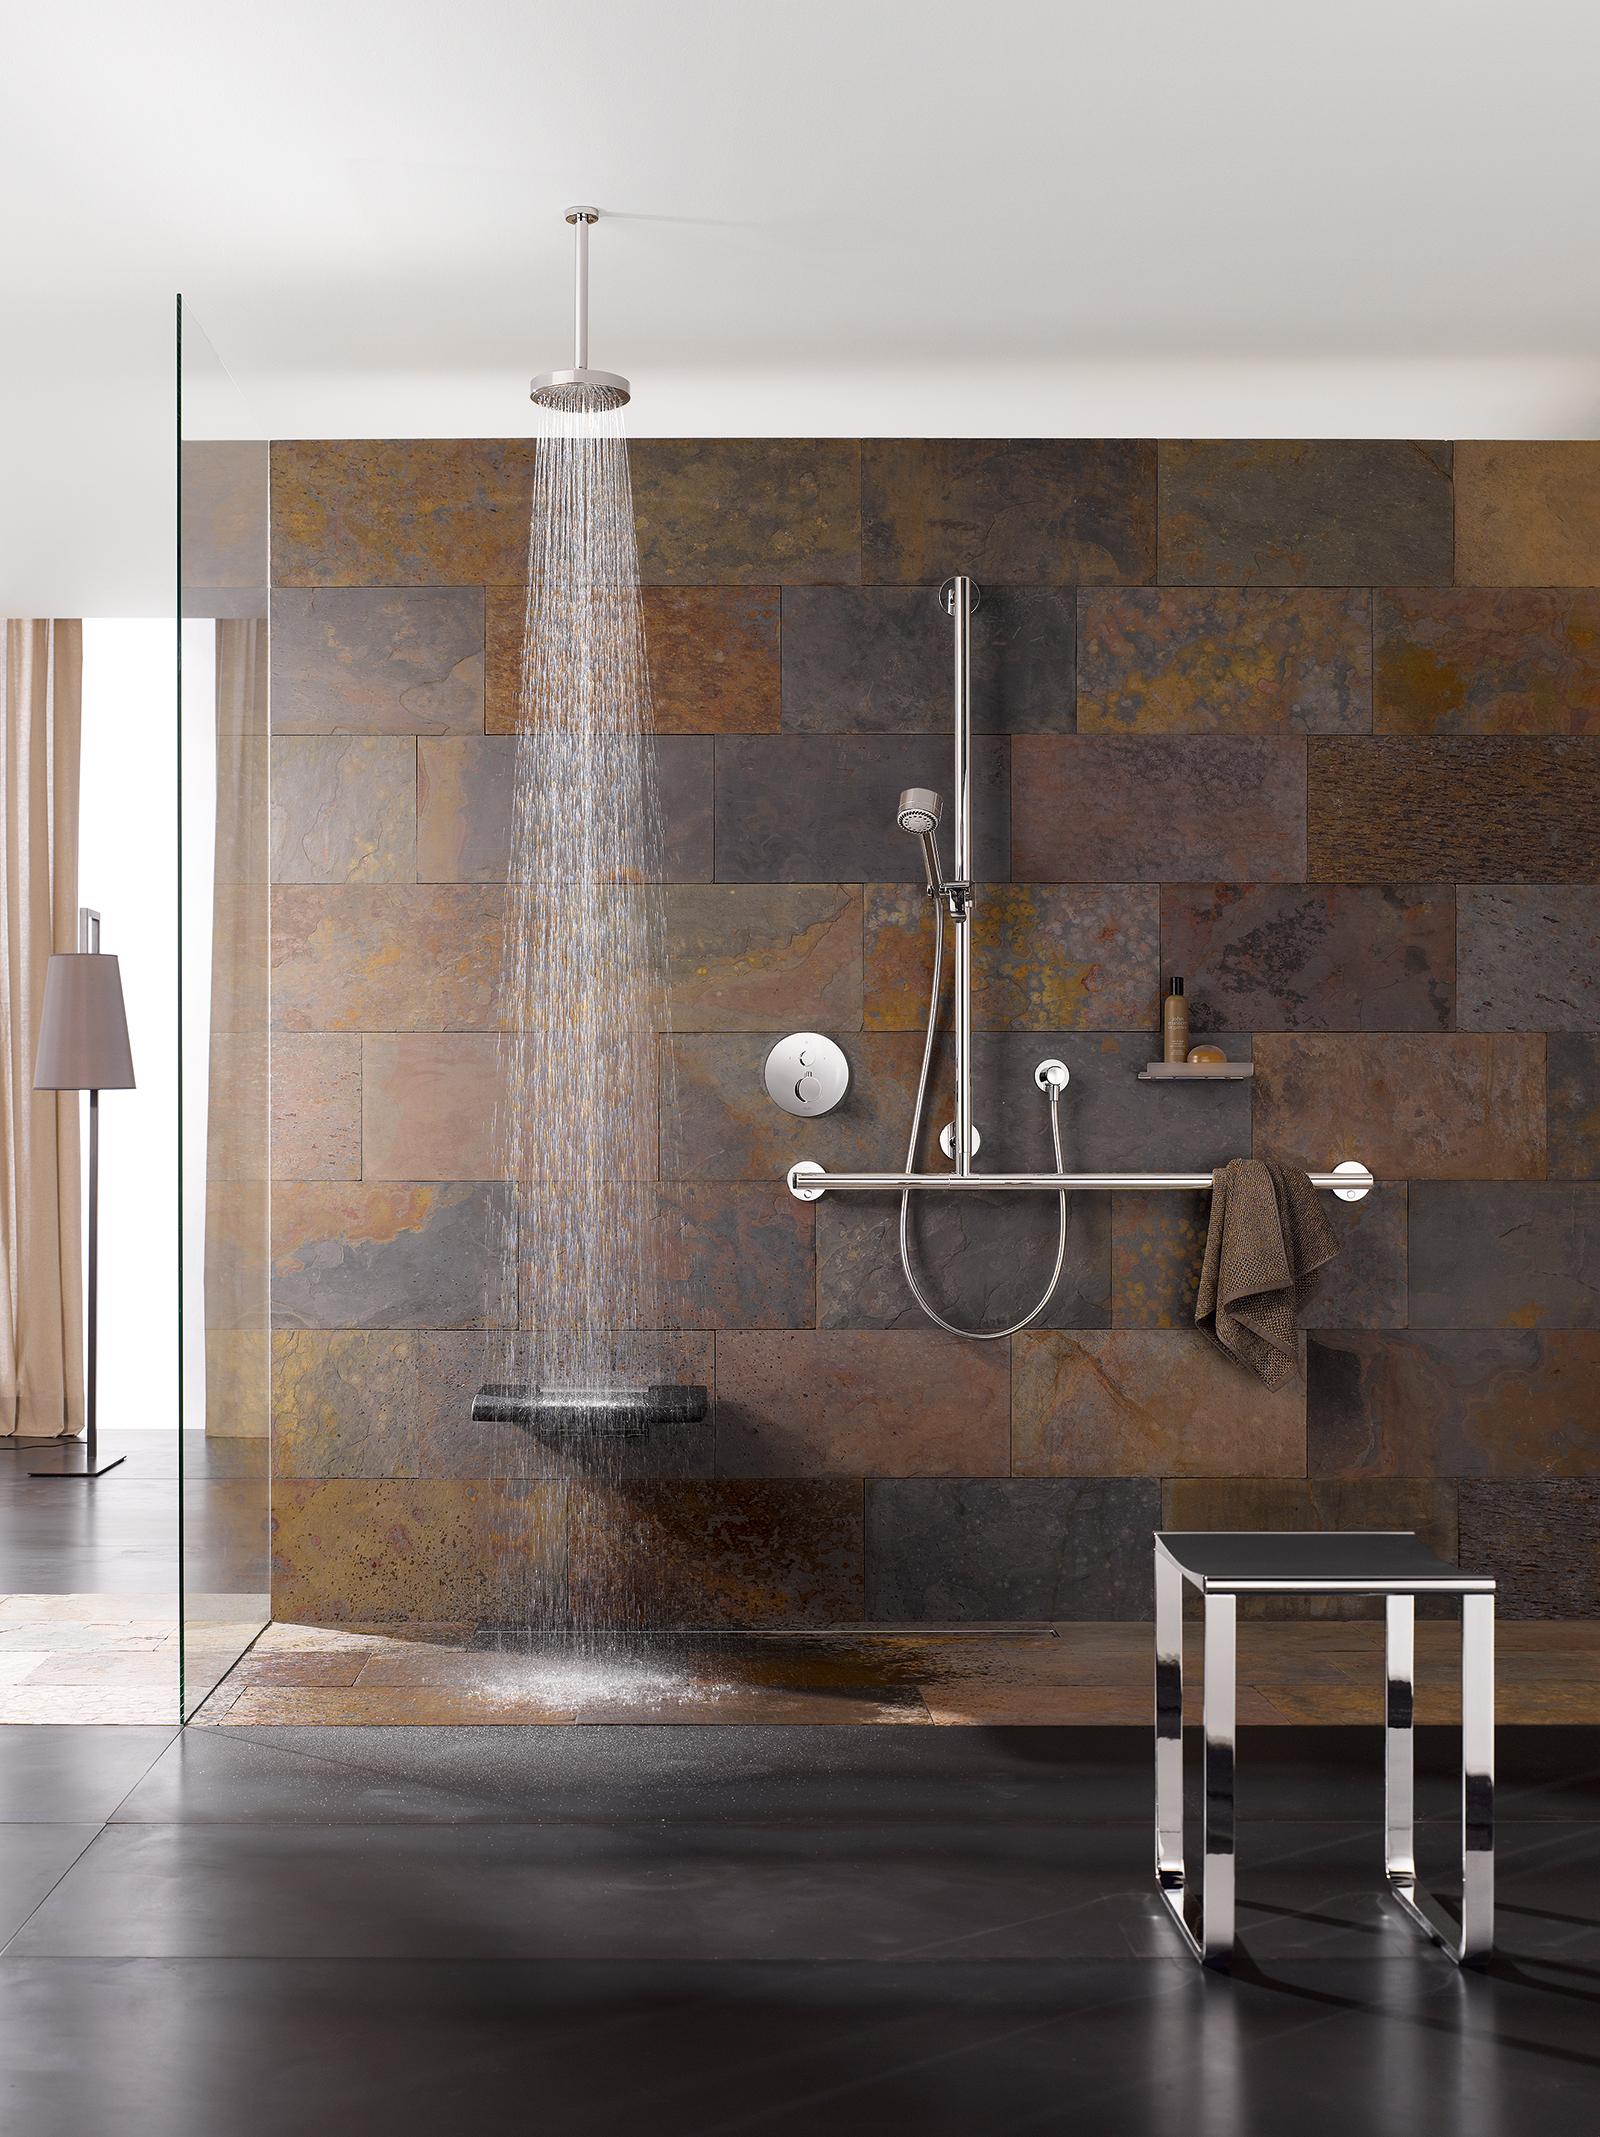 Planen Sie Mit Uns Vorausschauend Ihr Badezimmer Von Morgen!